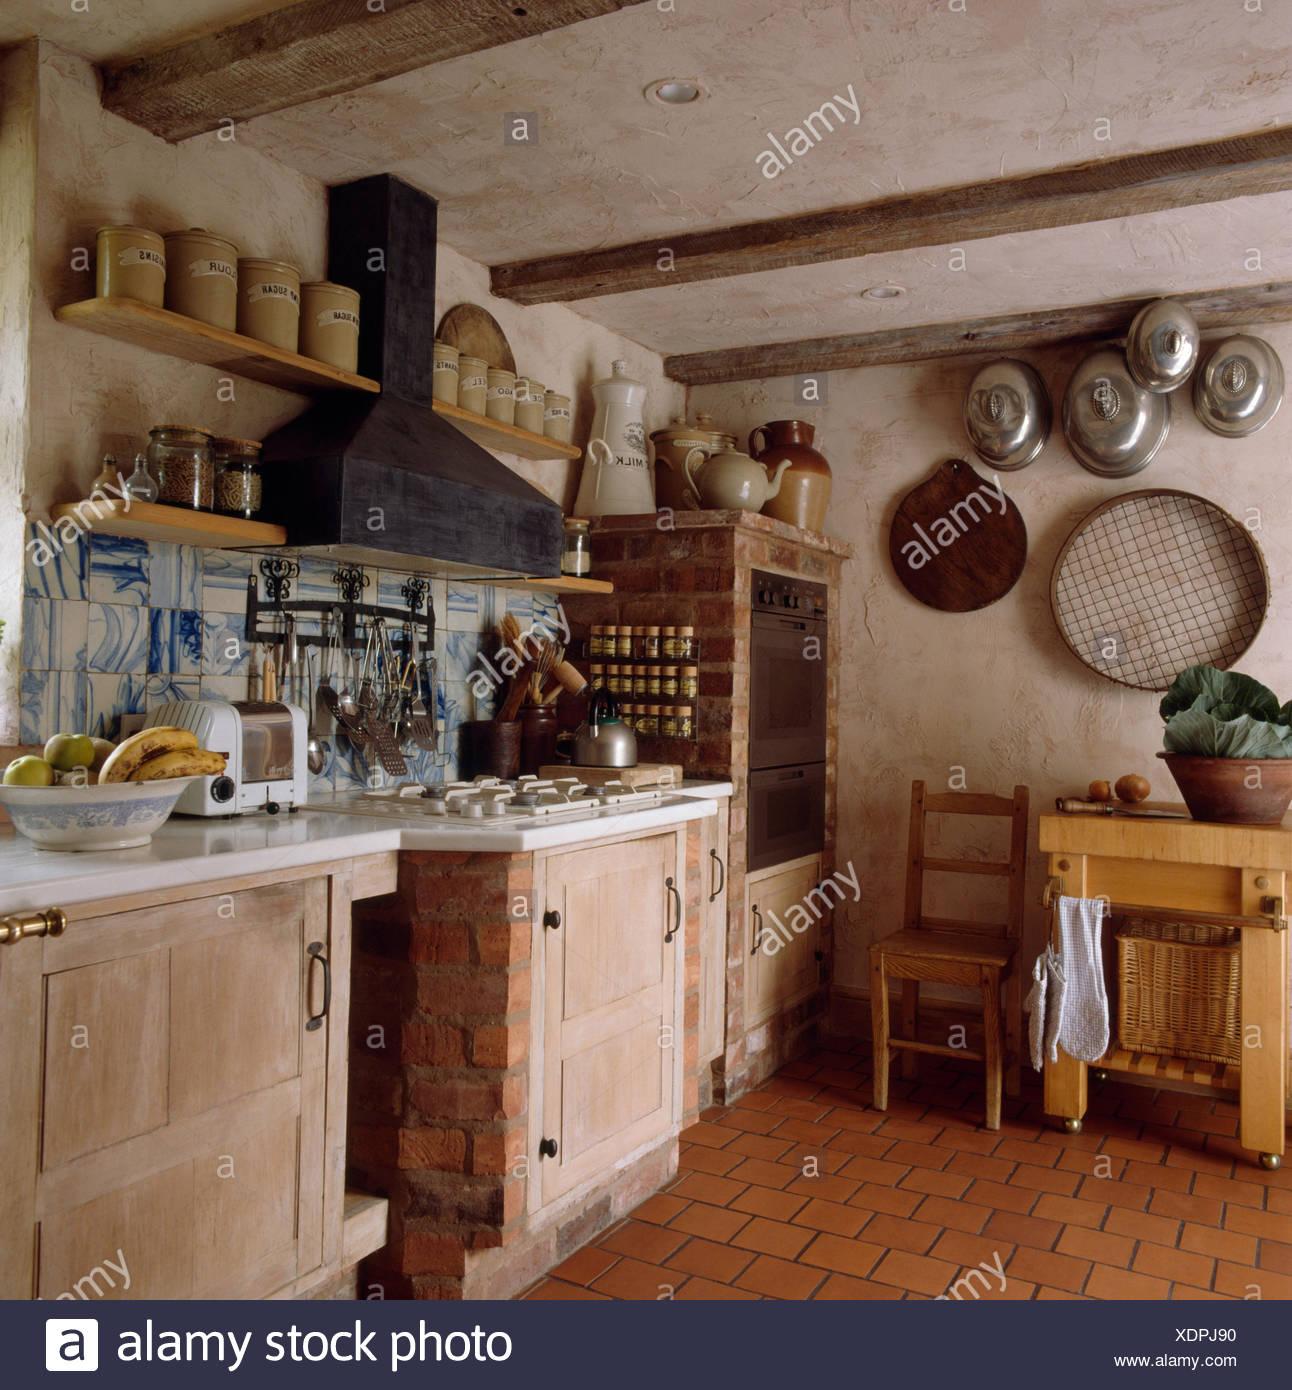 Meat On Shelves Stockfotos & Meat On Shelves Bilder - Alamy